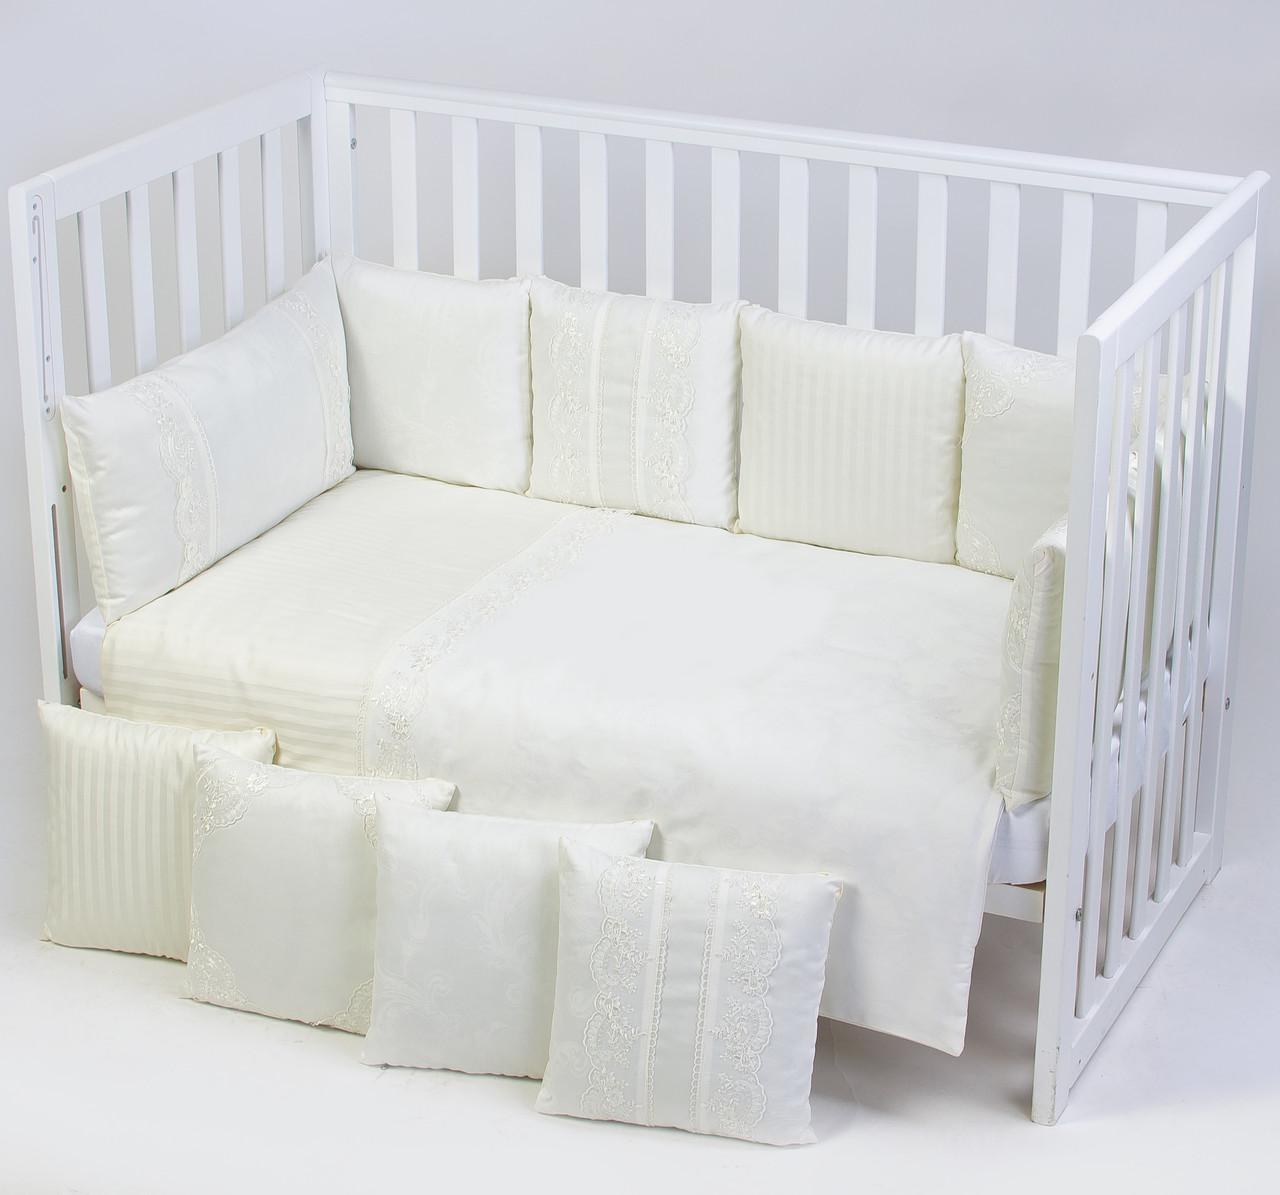 Постельный комплект для новорожденных Veres Ivory Lace